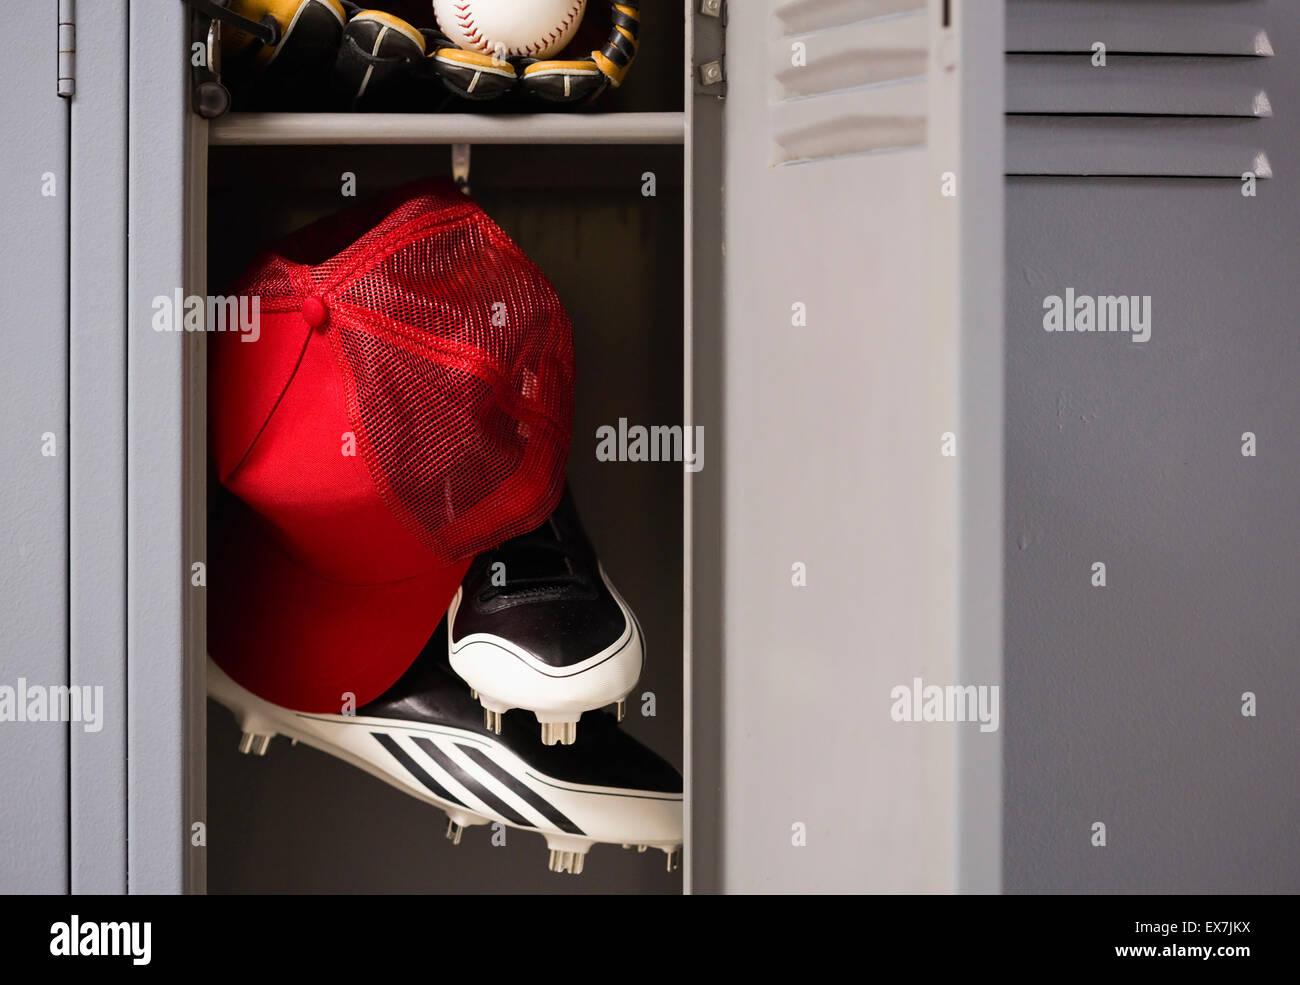 Attrezzatura da baseball in armadietto Immagini Stock